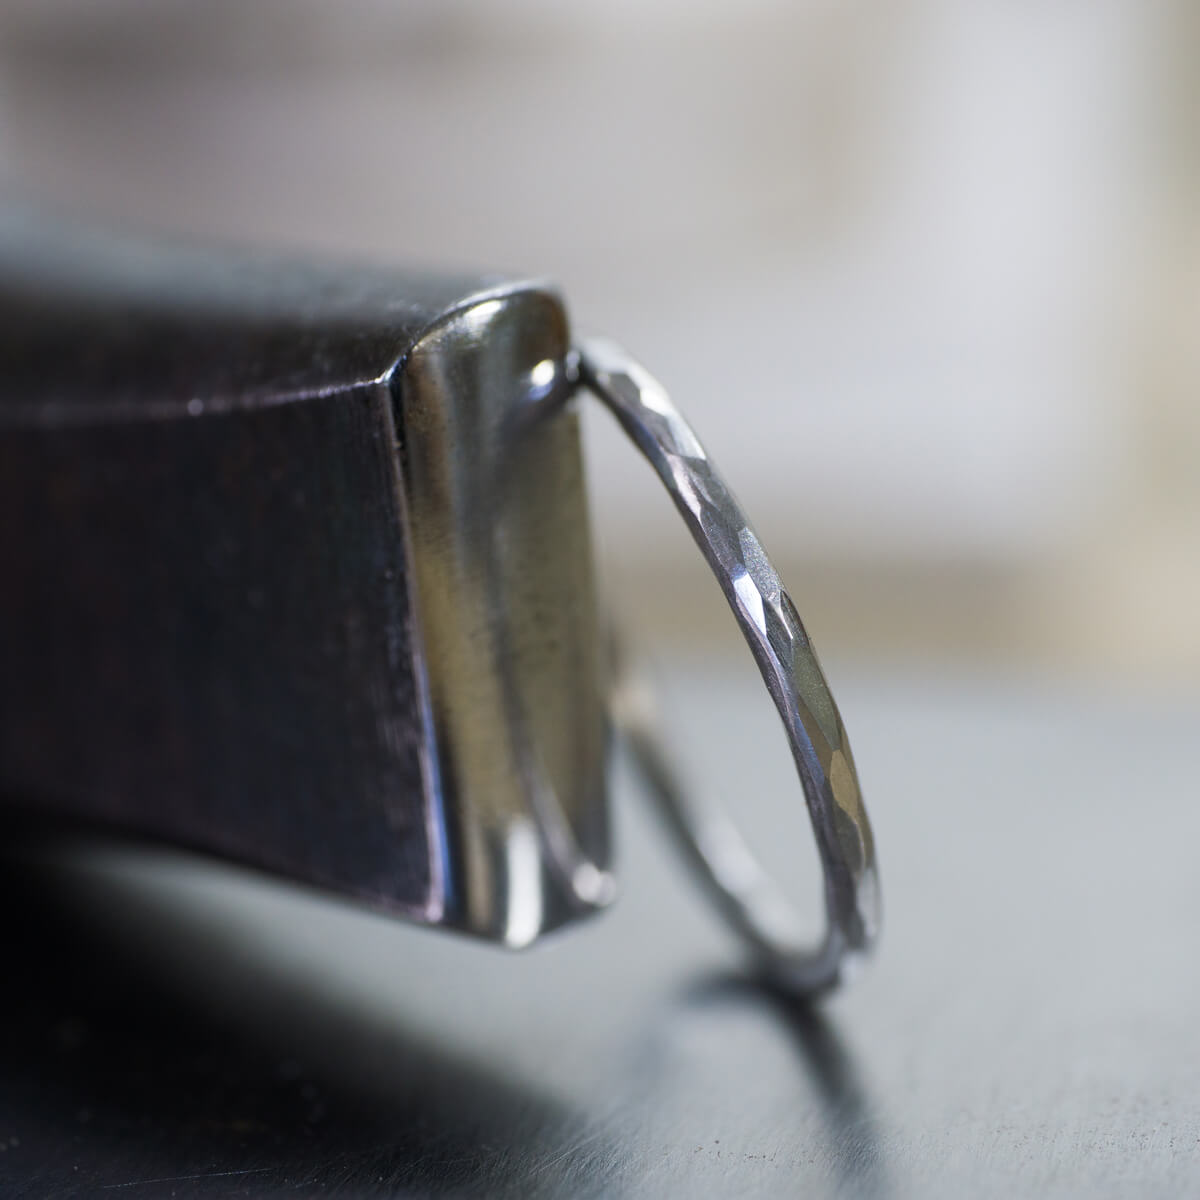 オーダーメイドマリッジリングの制作風景 ジュエリーの工房に指輪 プラチナ 屋久島でつくる結婚指輪